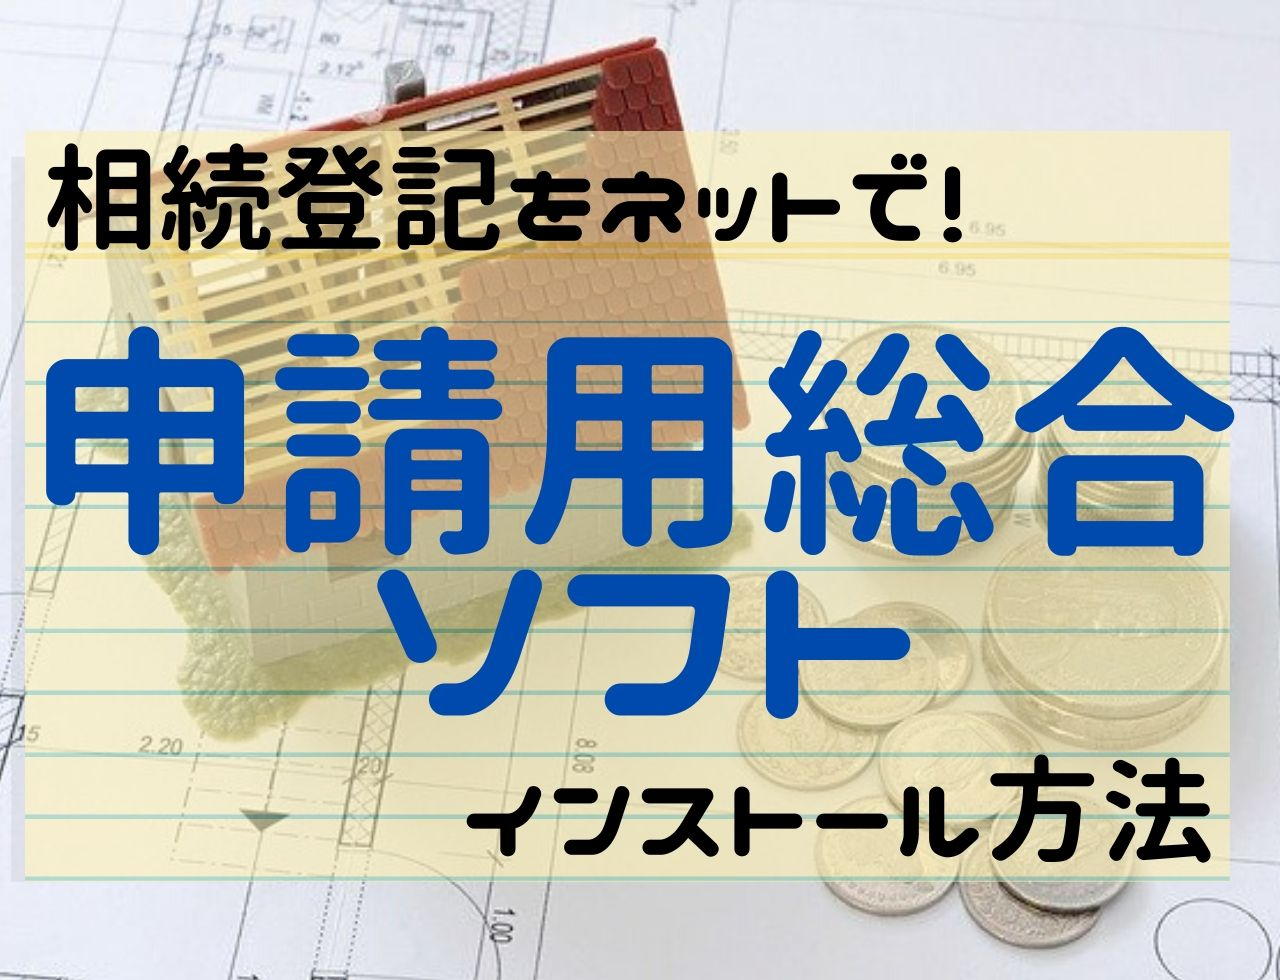 【相続登記】申請用総合ソフトのインストール方法